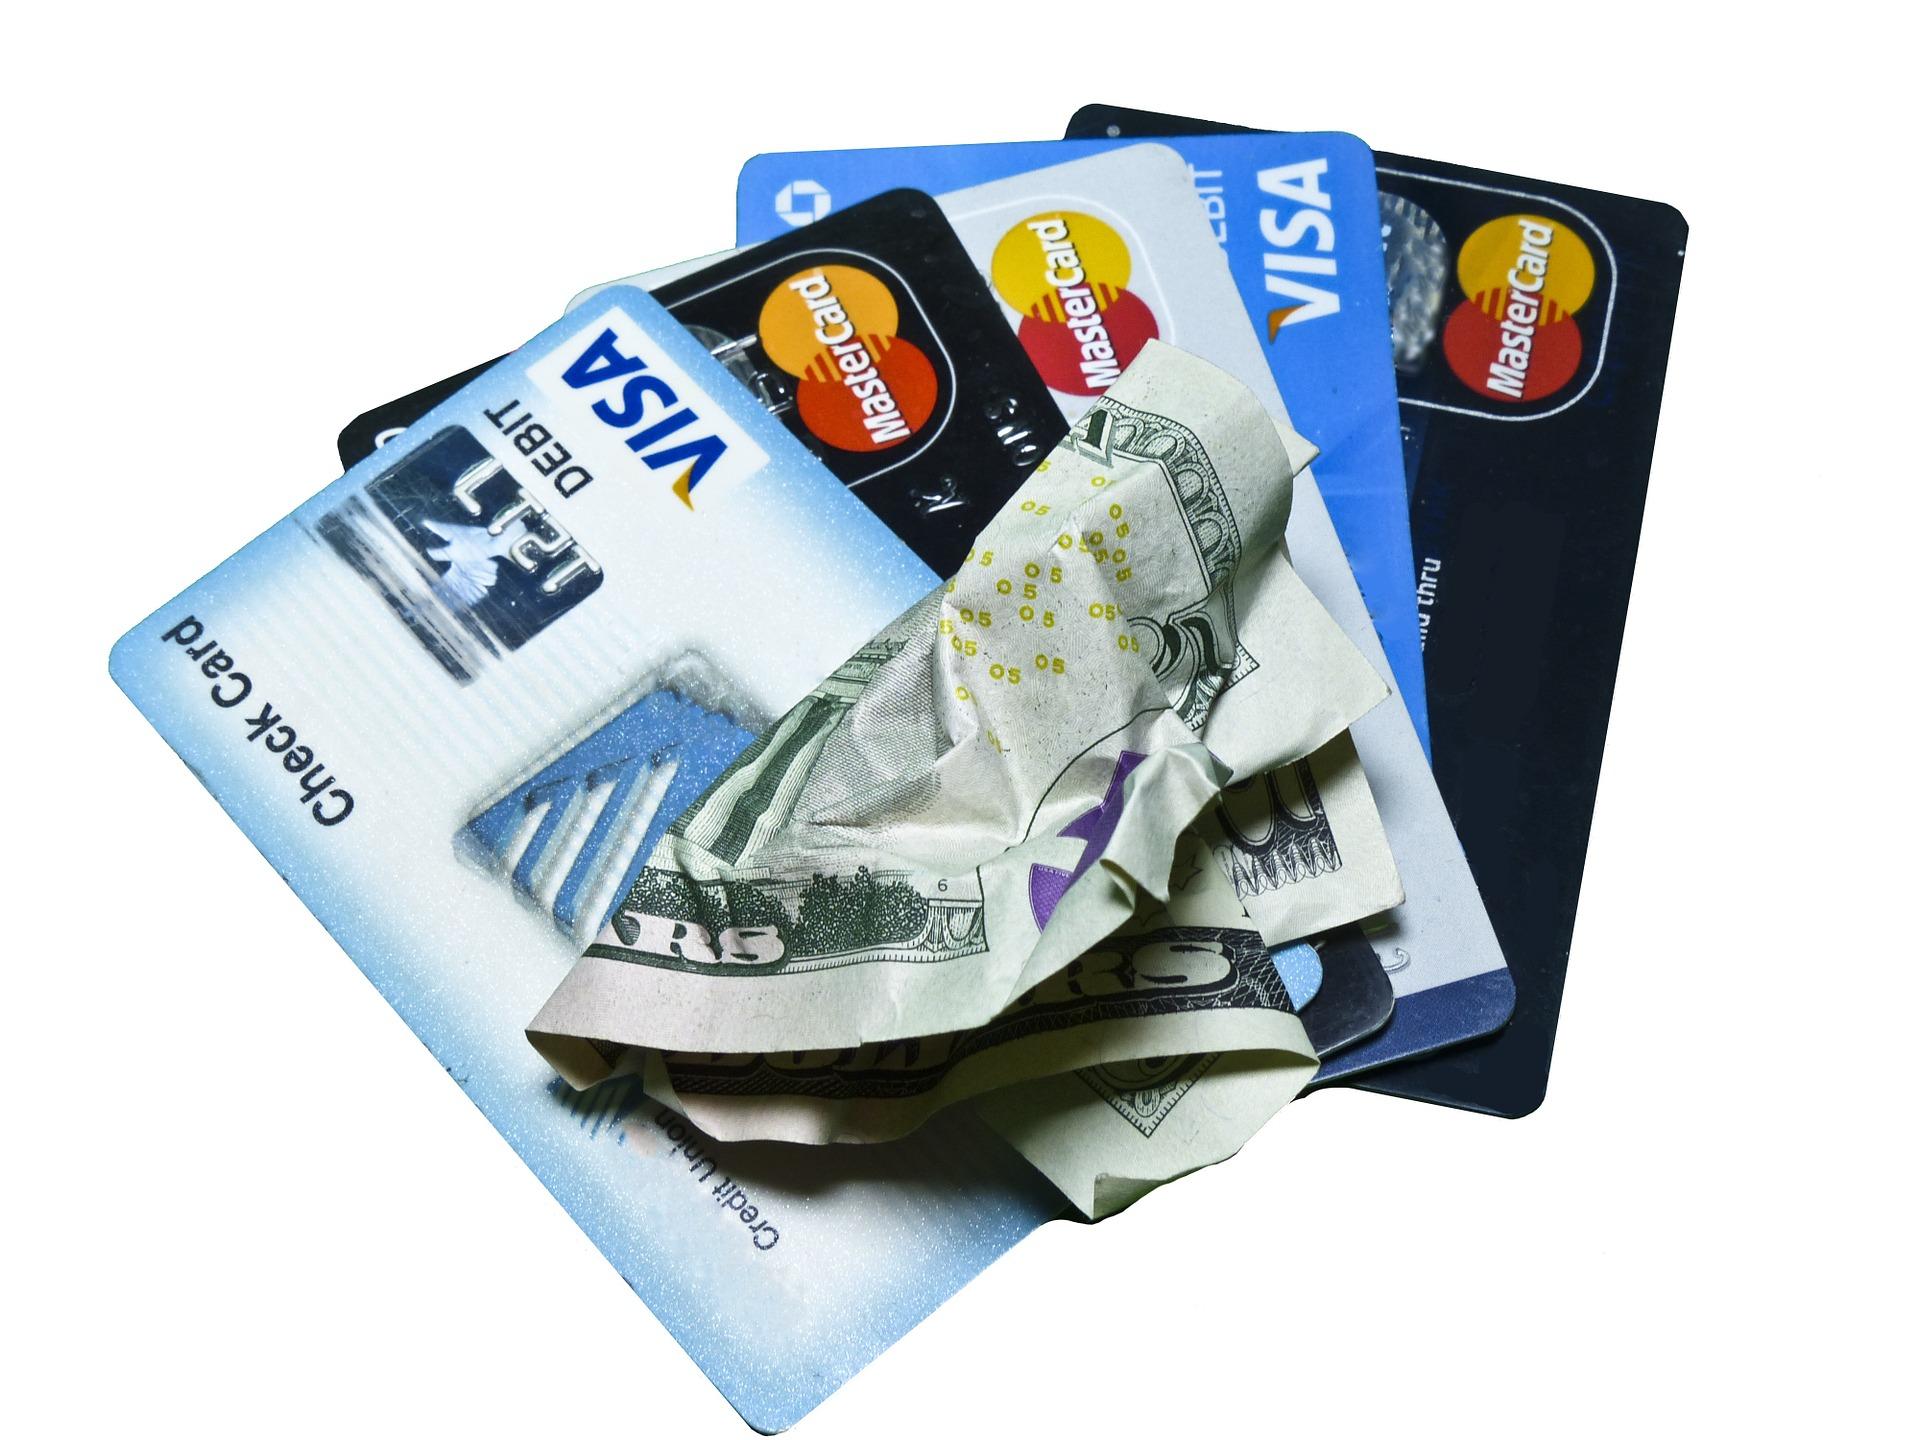 Dívida: Como e qual é o melhor momento de negociar?